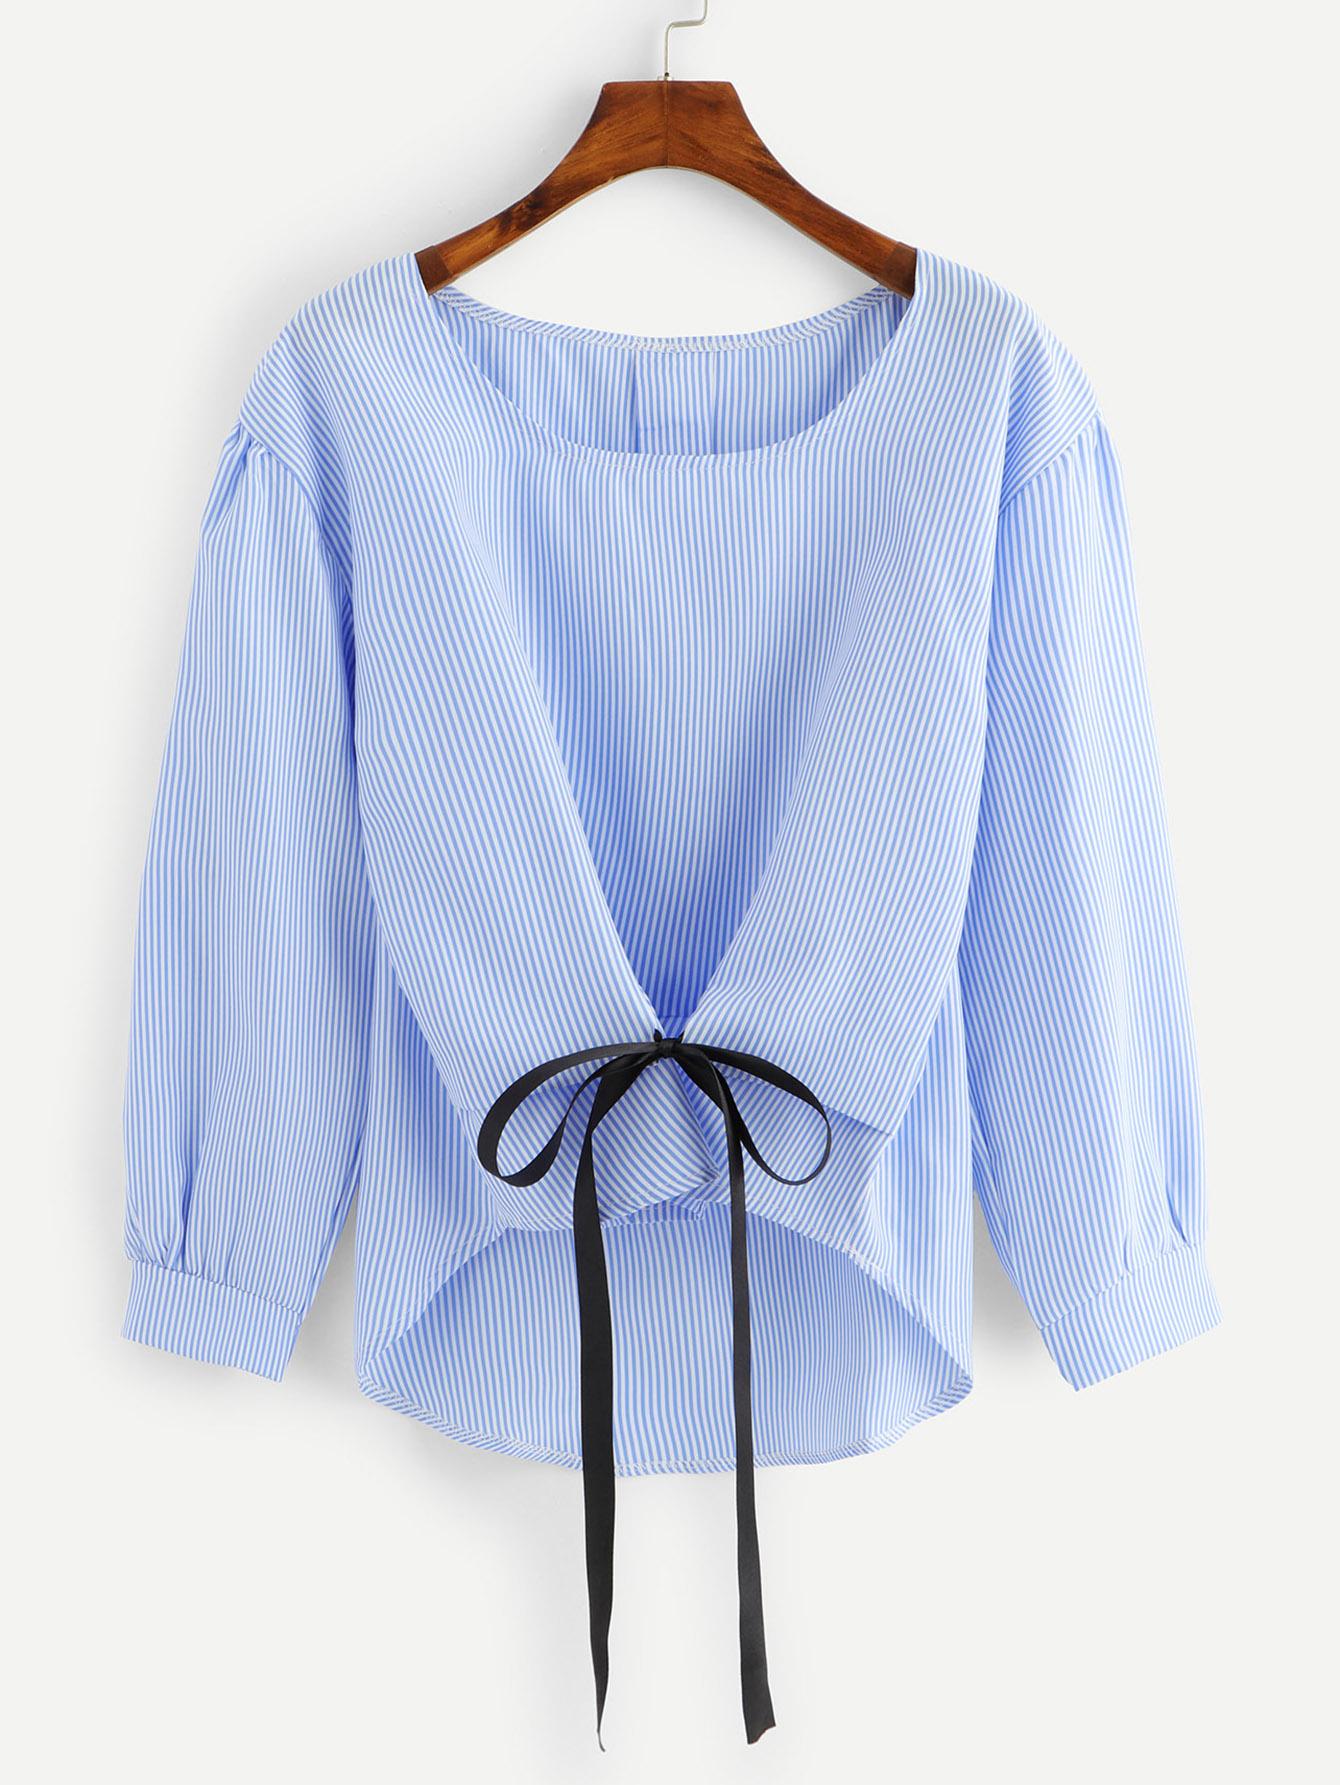 Купить Полосатая рубашка и с украшением банта перед одежды, null, SheIn